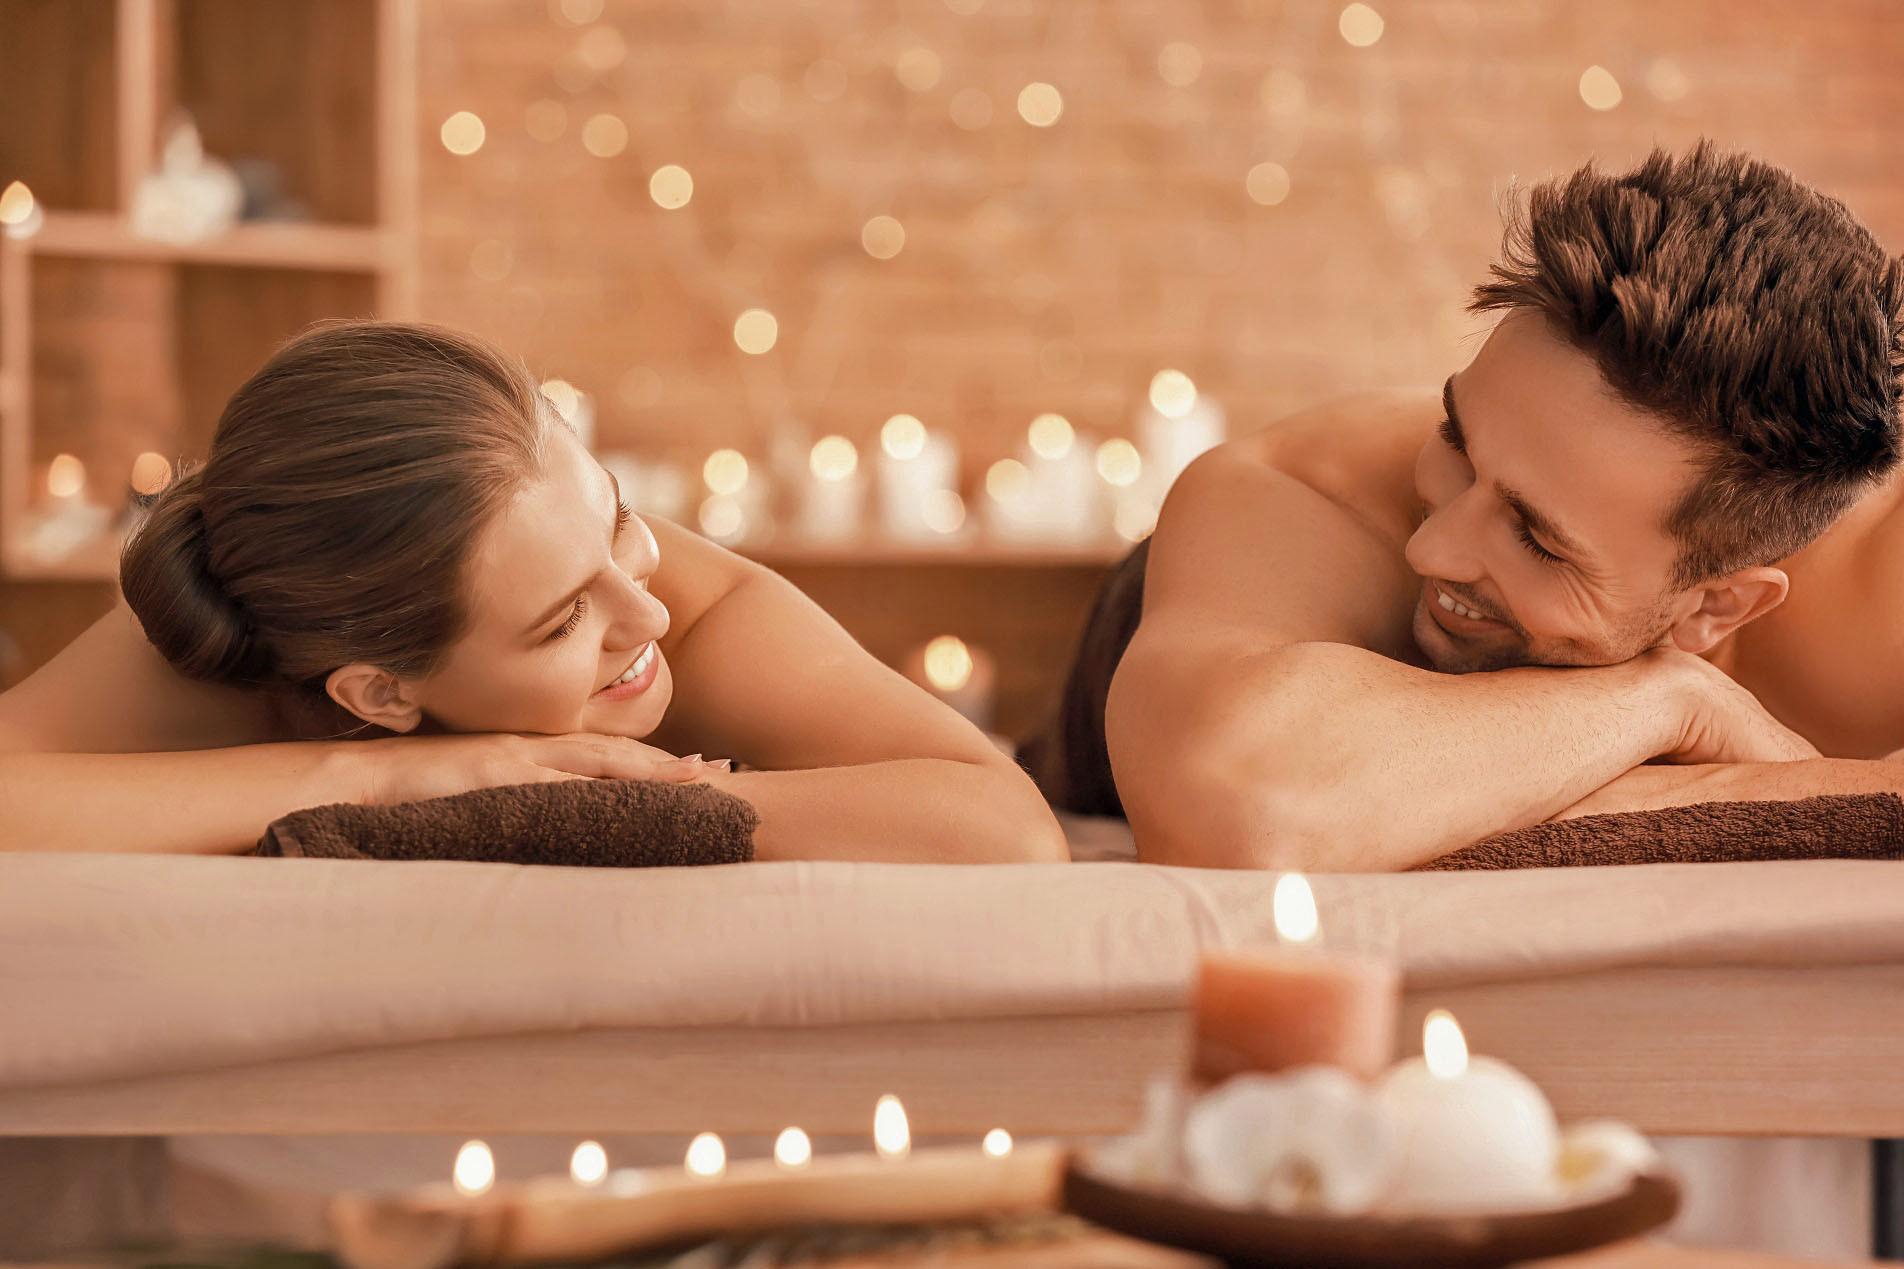 Masaż Relaksacyjny całego ciała 90 minut - dla dwojga